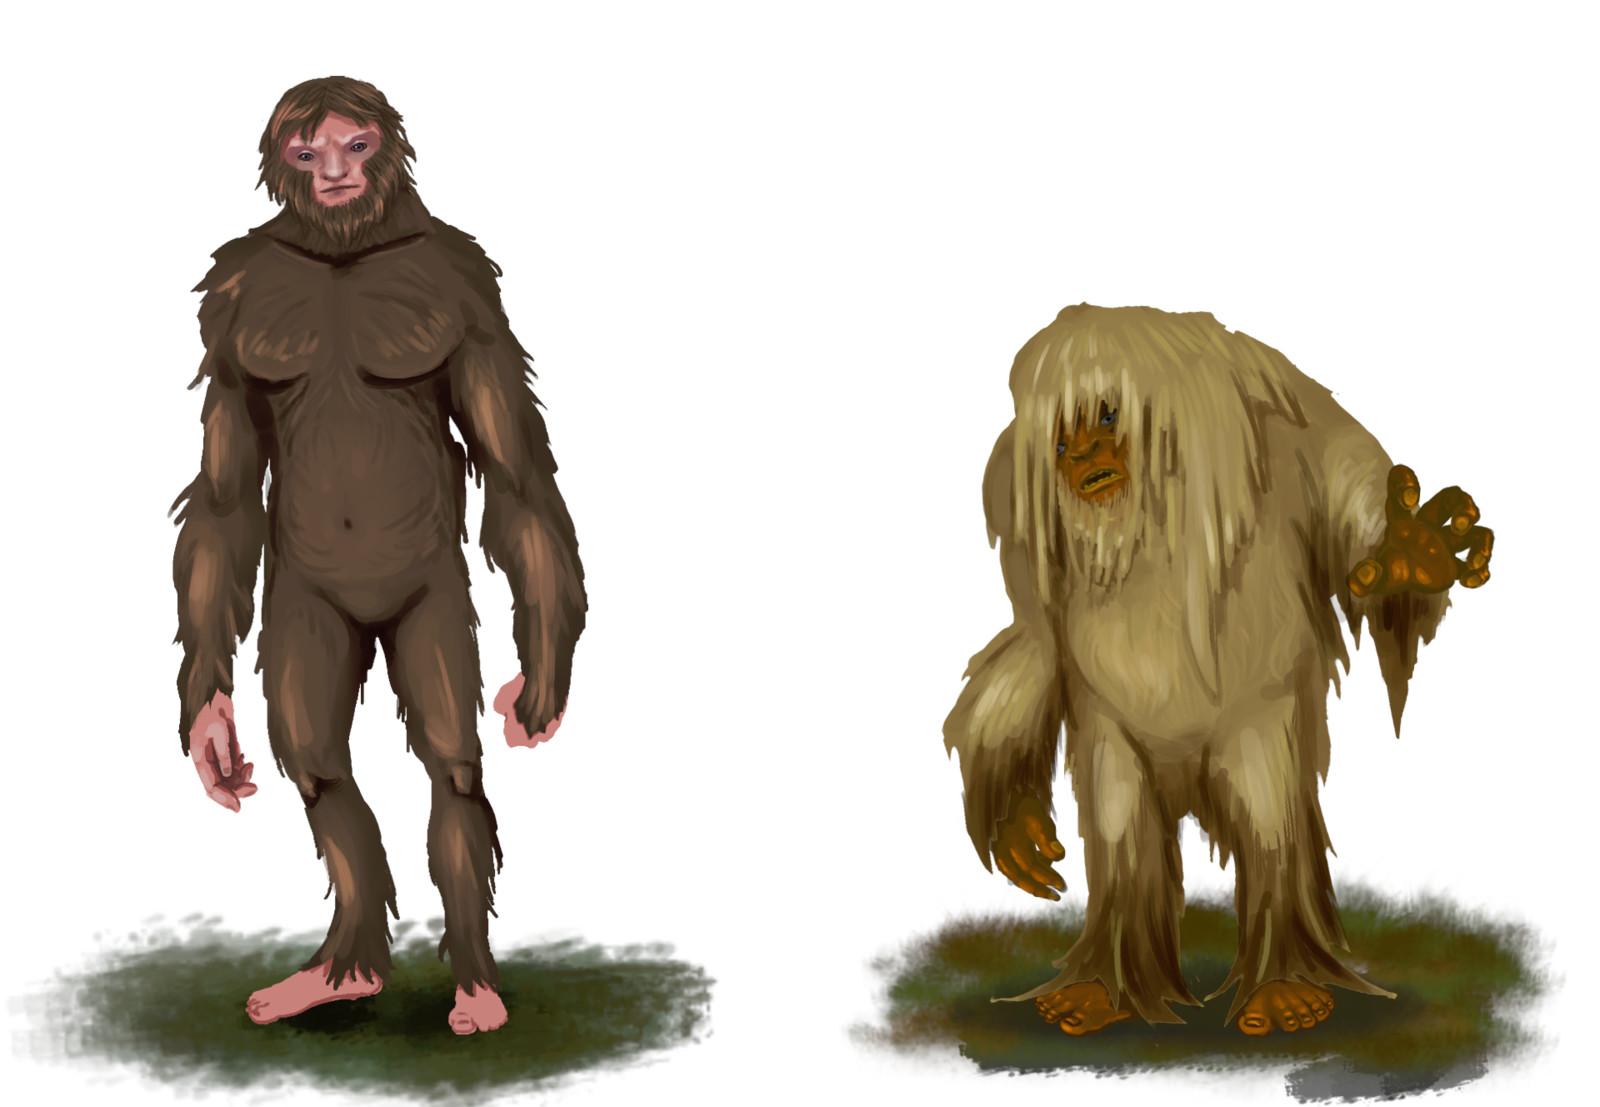 Sasquatch and Skunk Ape